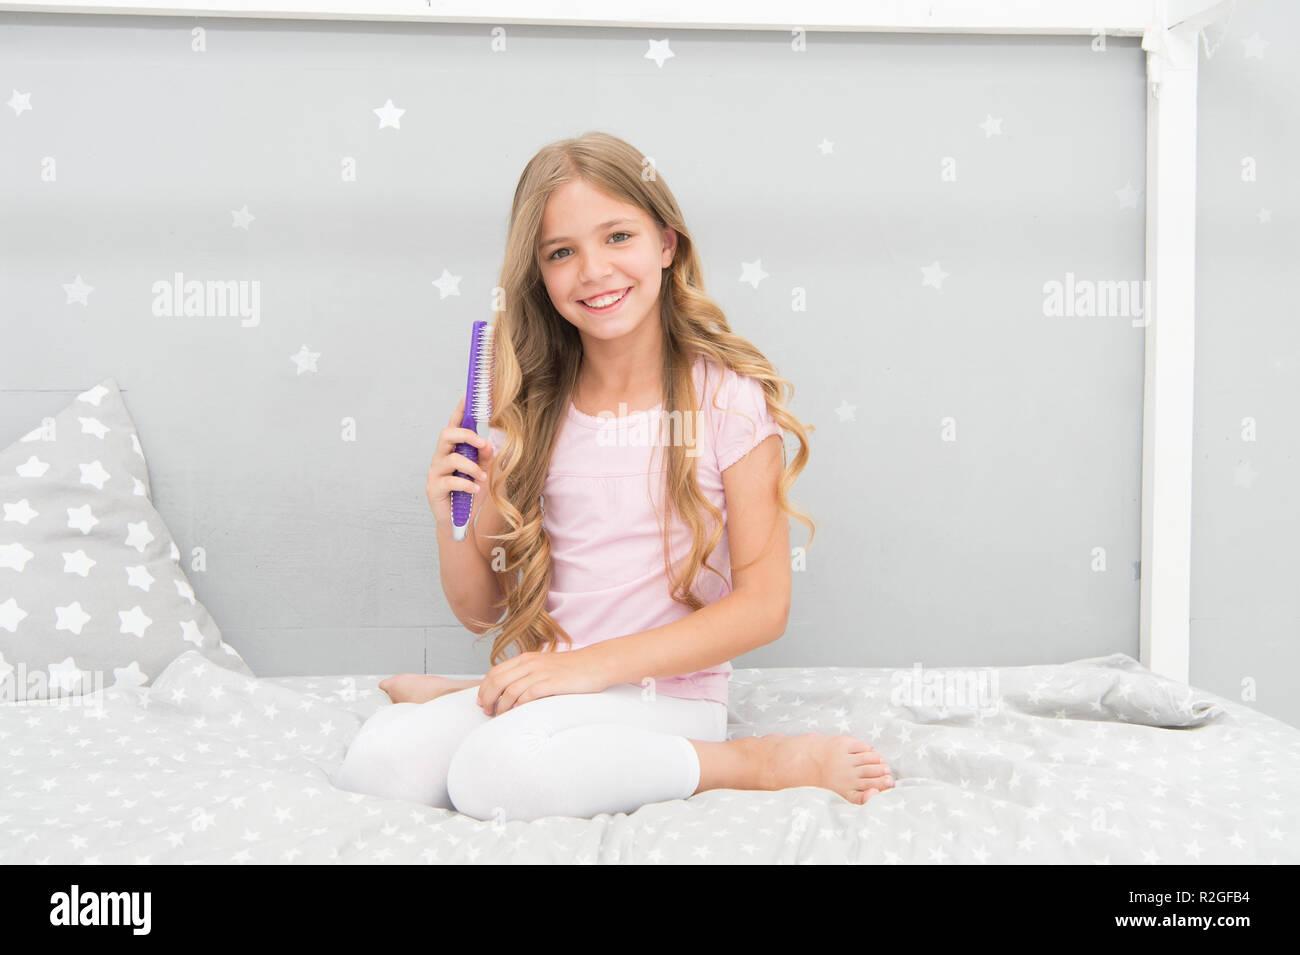 Mädchen Lange Lockige Haare Schlafzimmer Innenraum